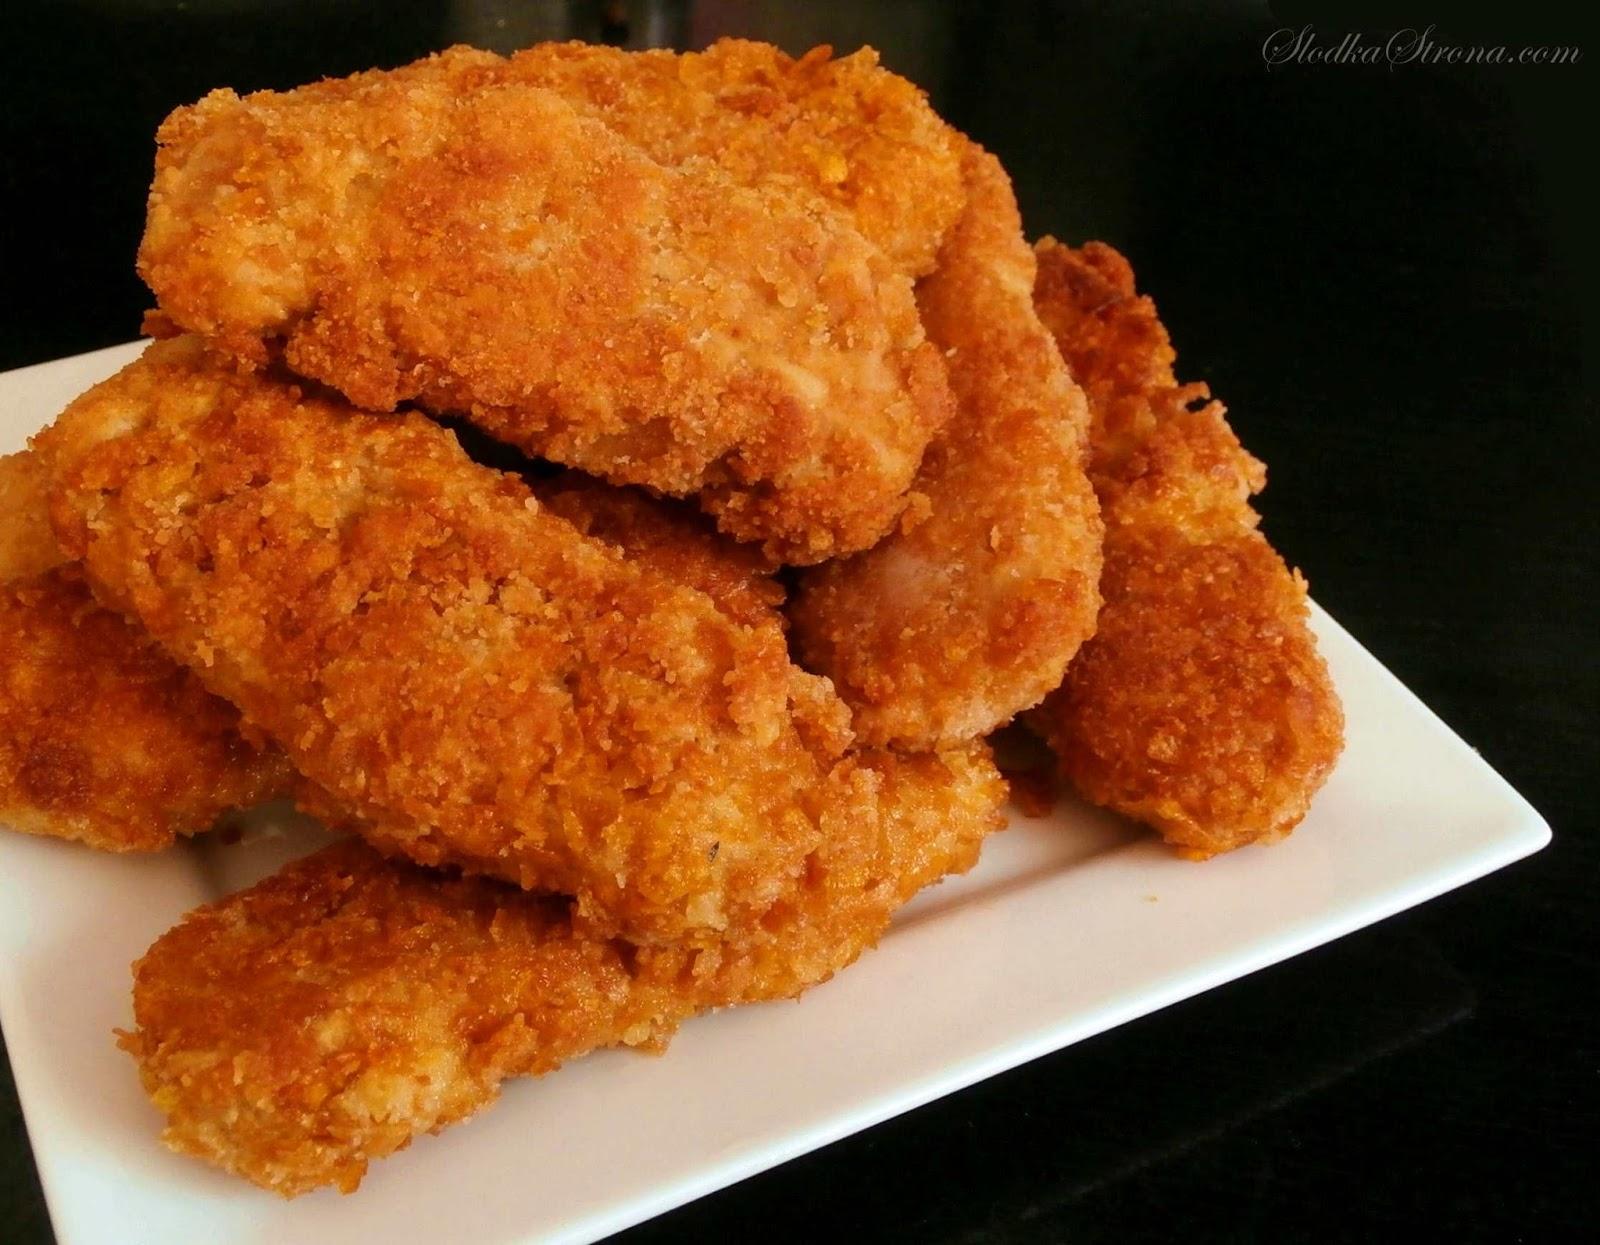 Domowe Snack Wrap z McDonald's - Przepis - Słodka Strona